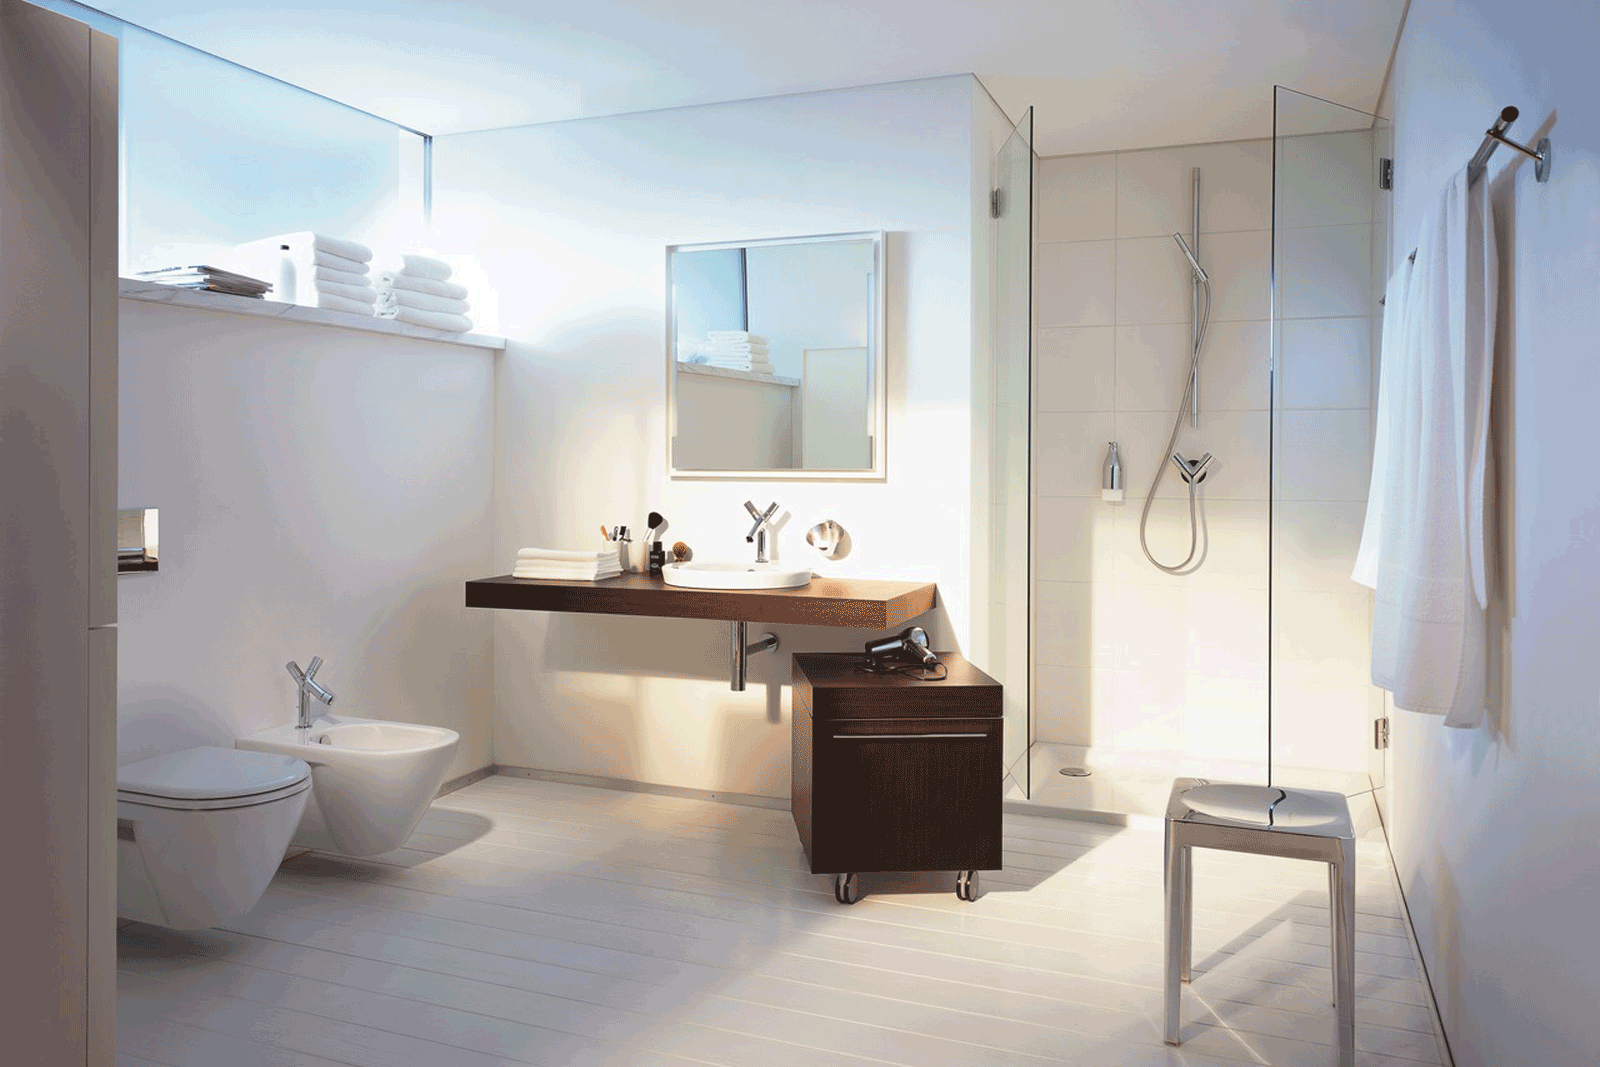 hansgrohe-bathroom